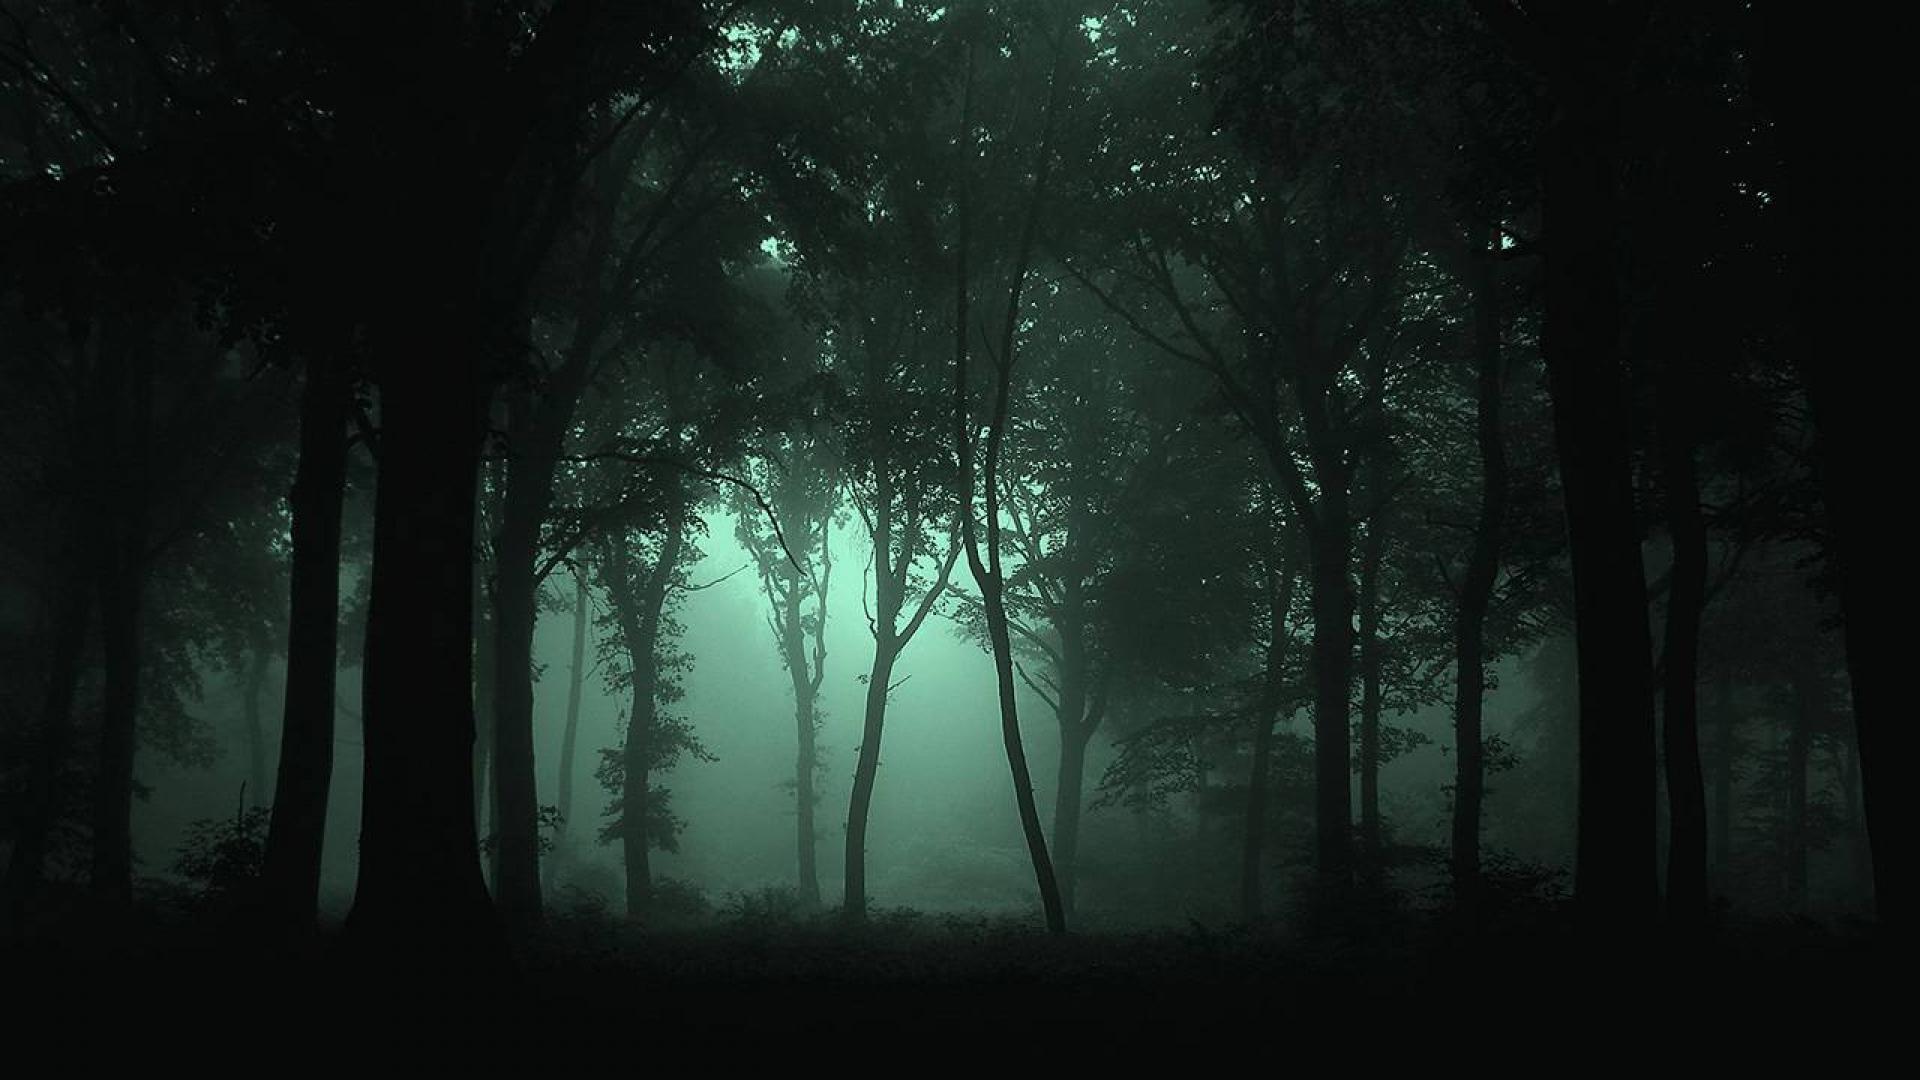 Dark Forest Wallpaper For Desktop